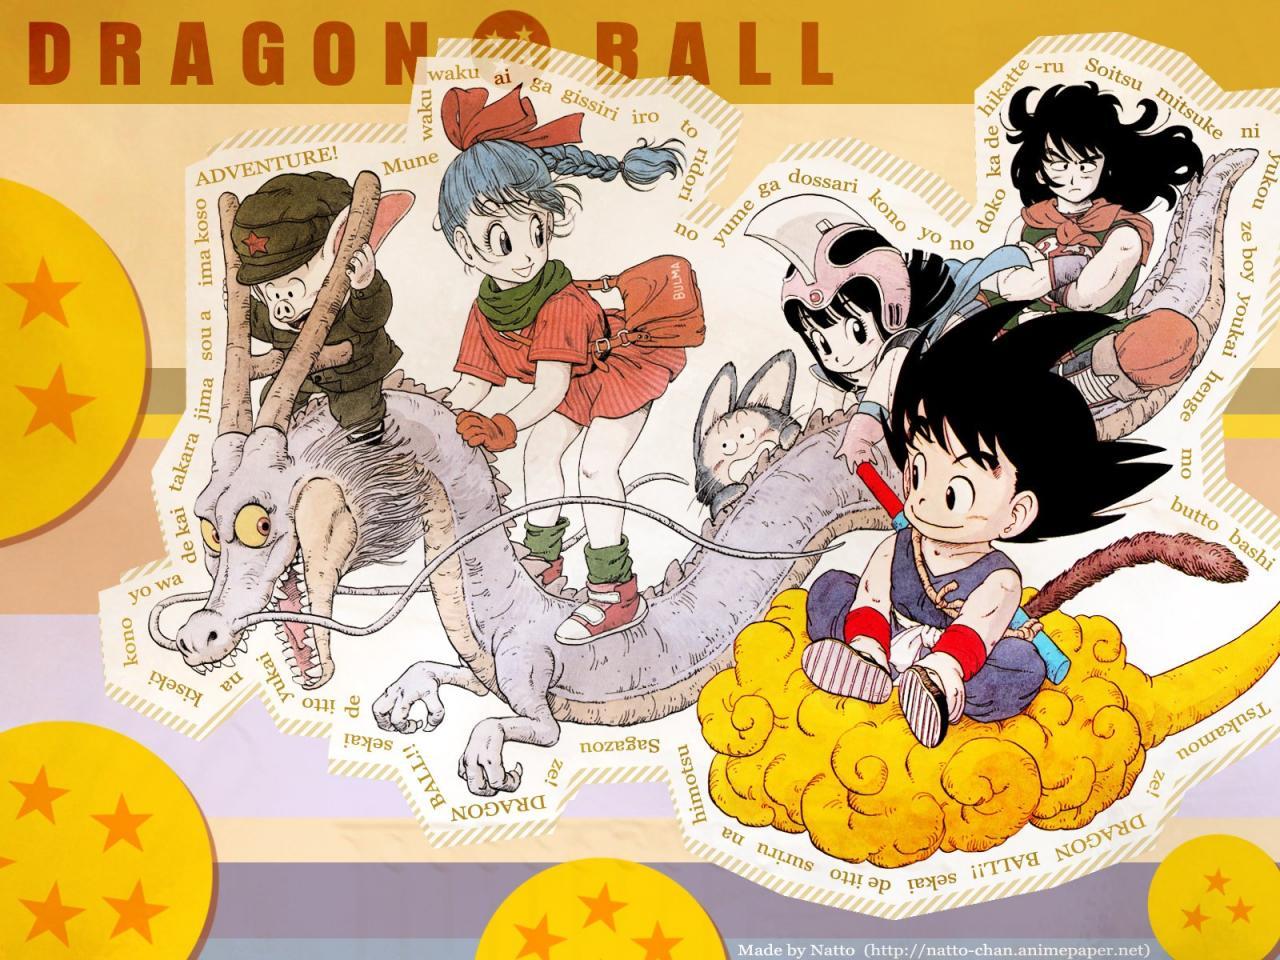 Dragon Ball Z Wallpaper Hd 14